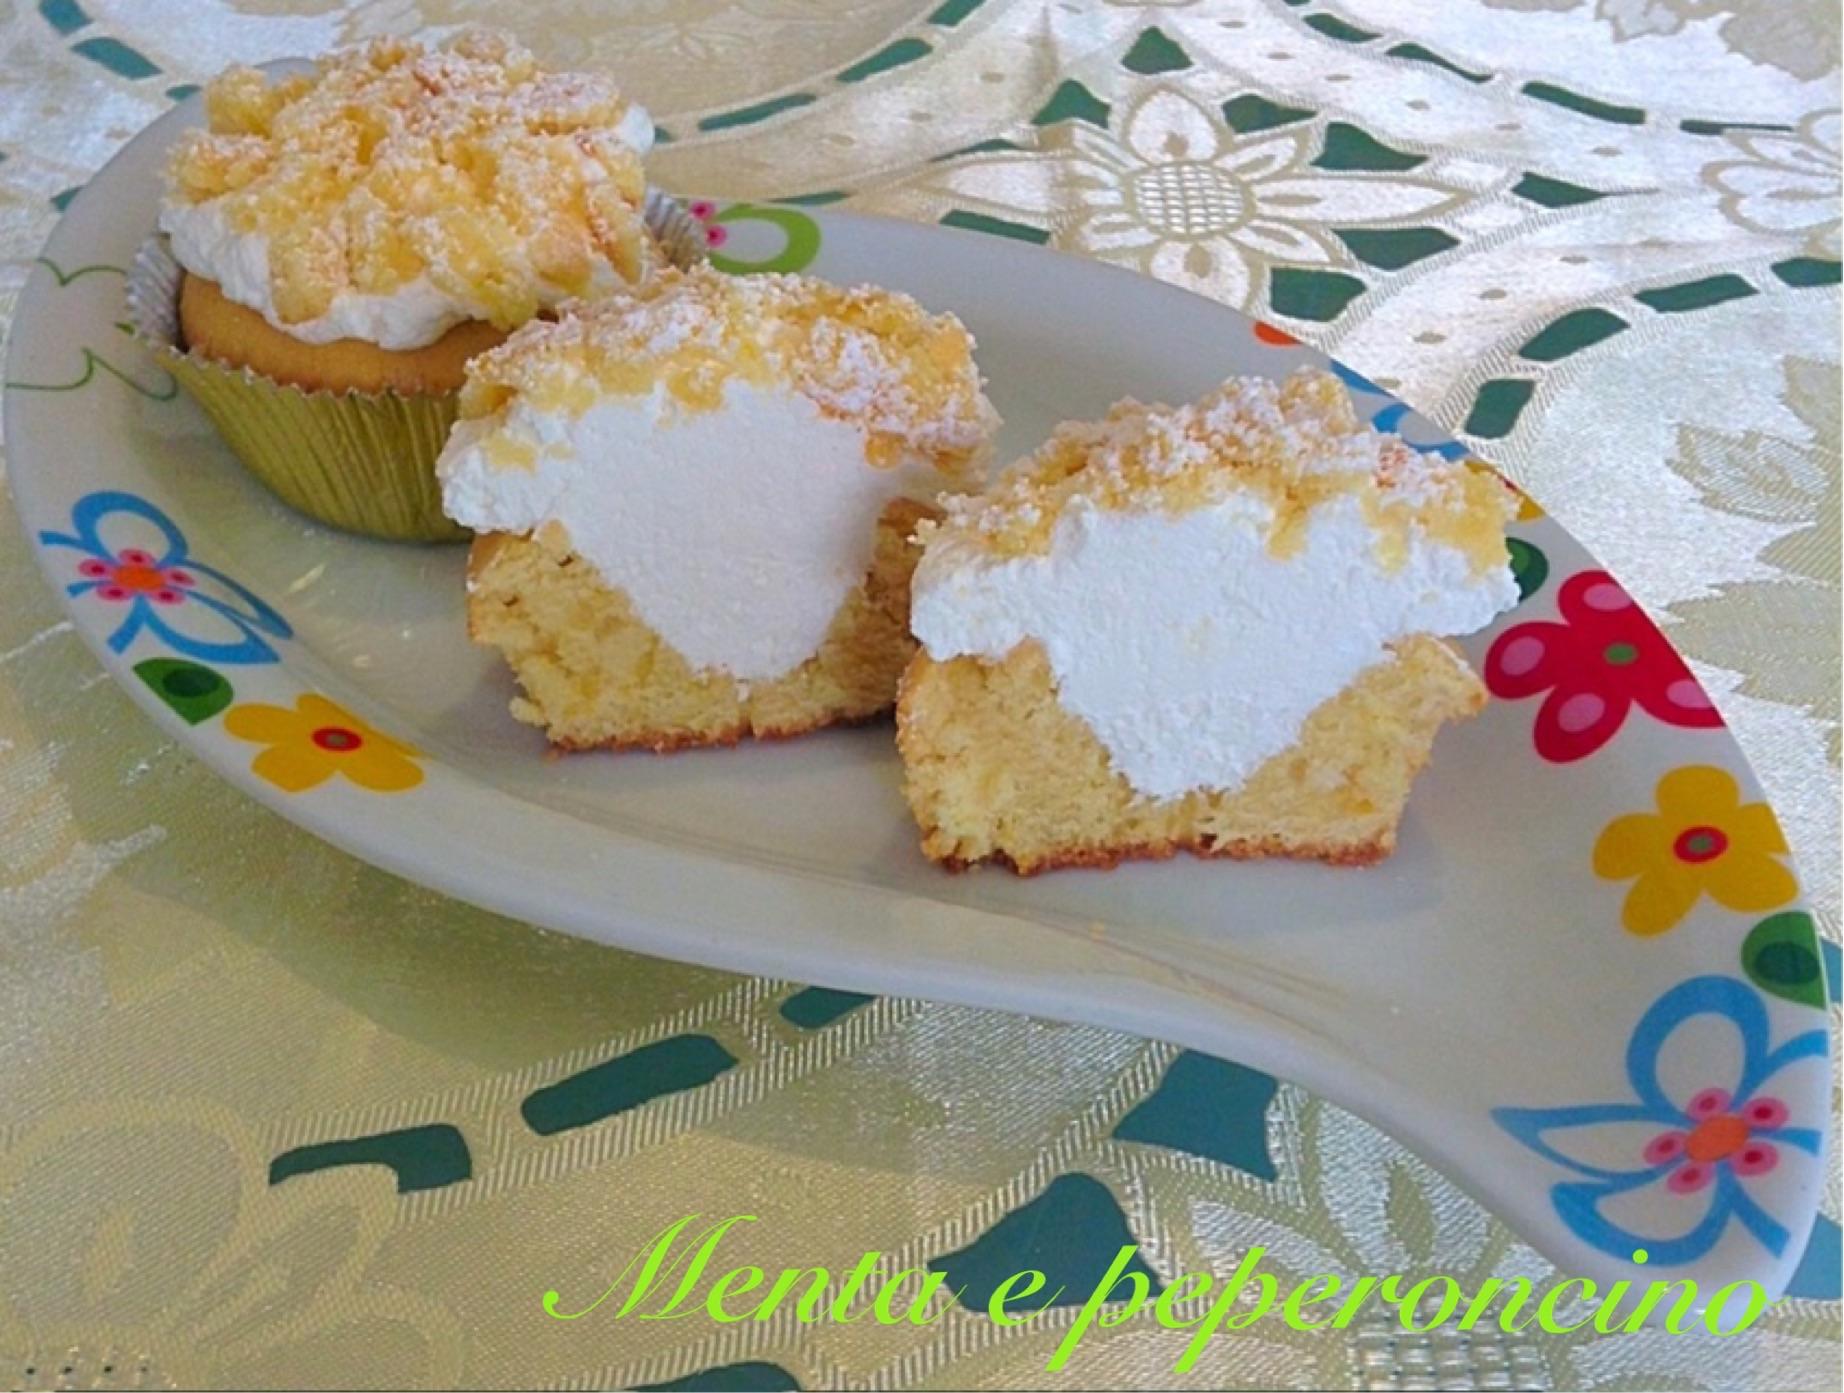 Ricetta Cipcake mimosa al limone con panna